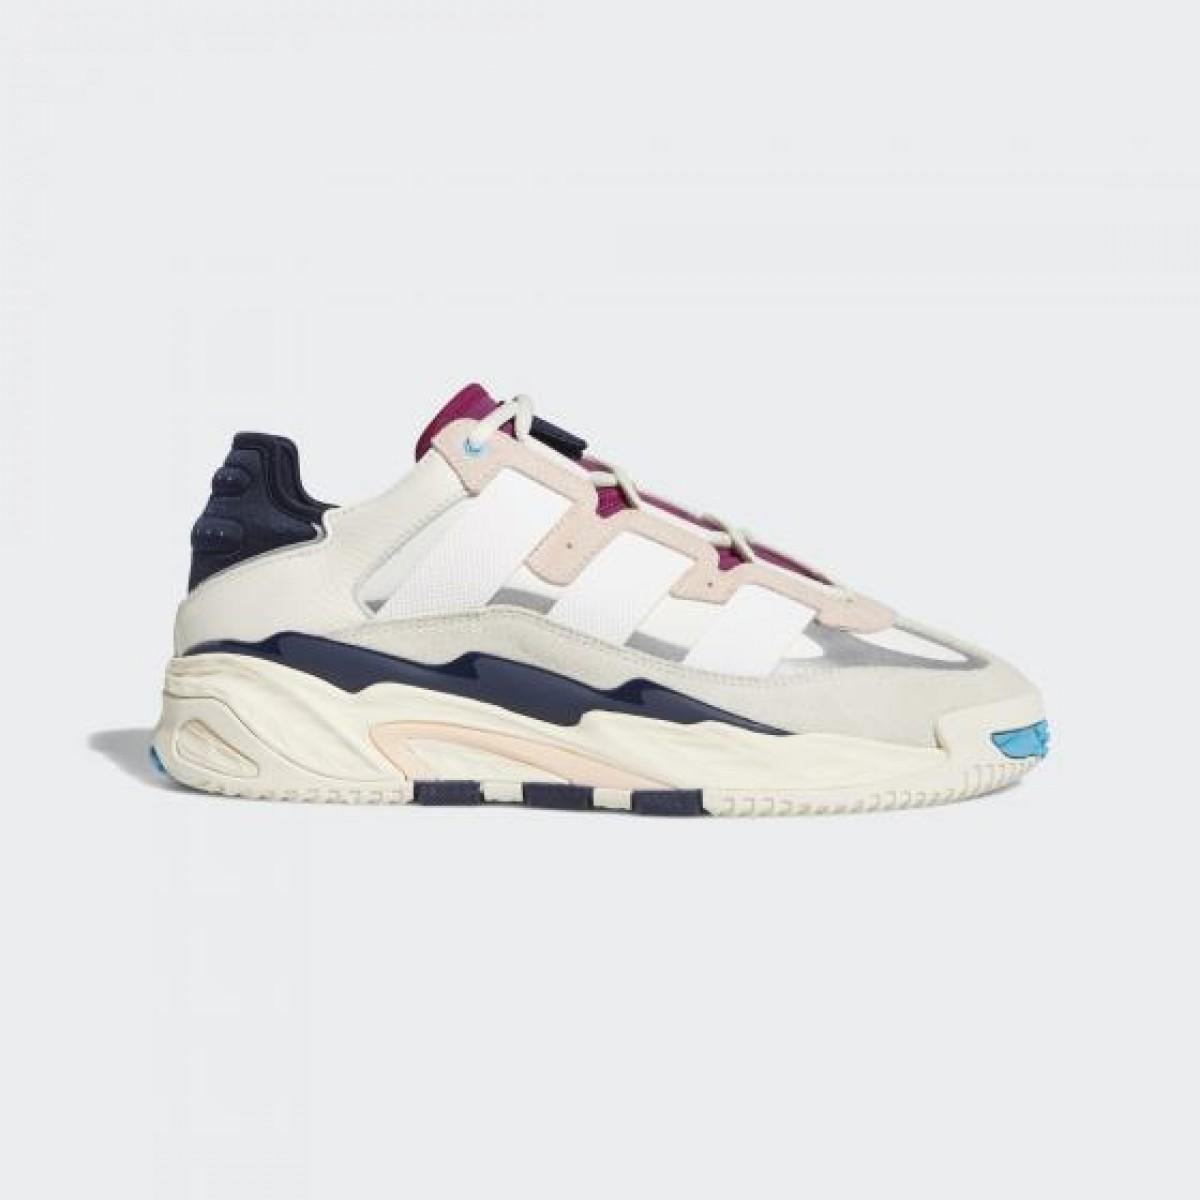 Adidas Niteball Off White Cream White FW3317